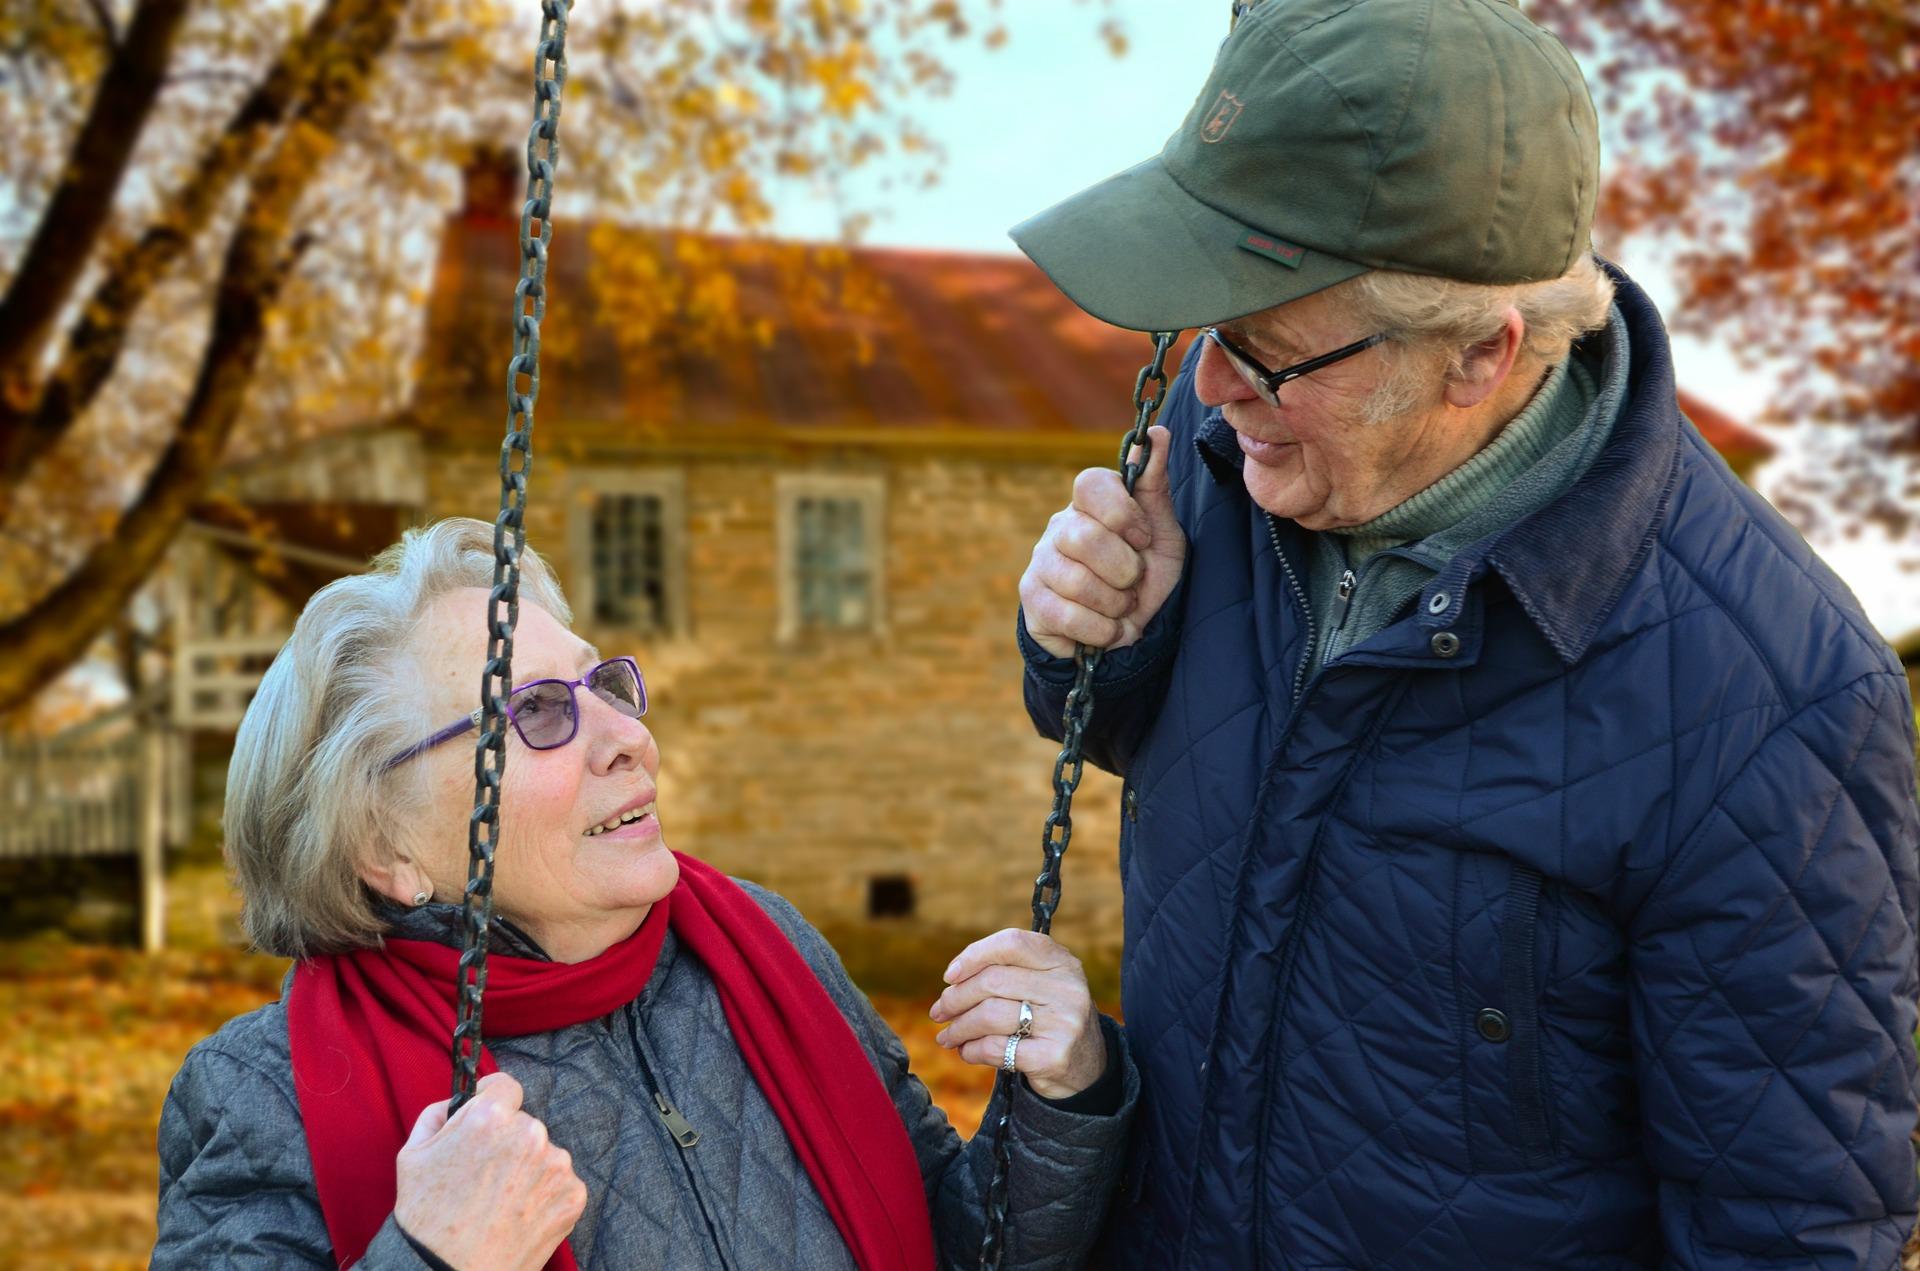 Schuldenfreie Rente